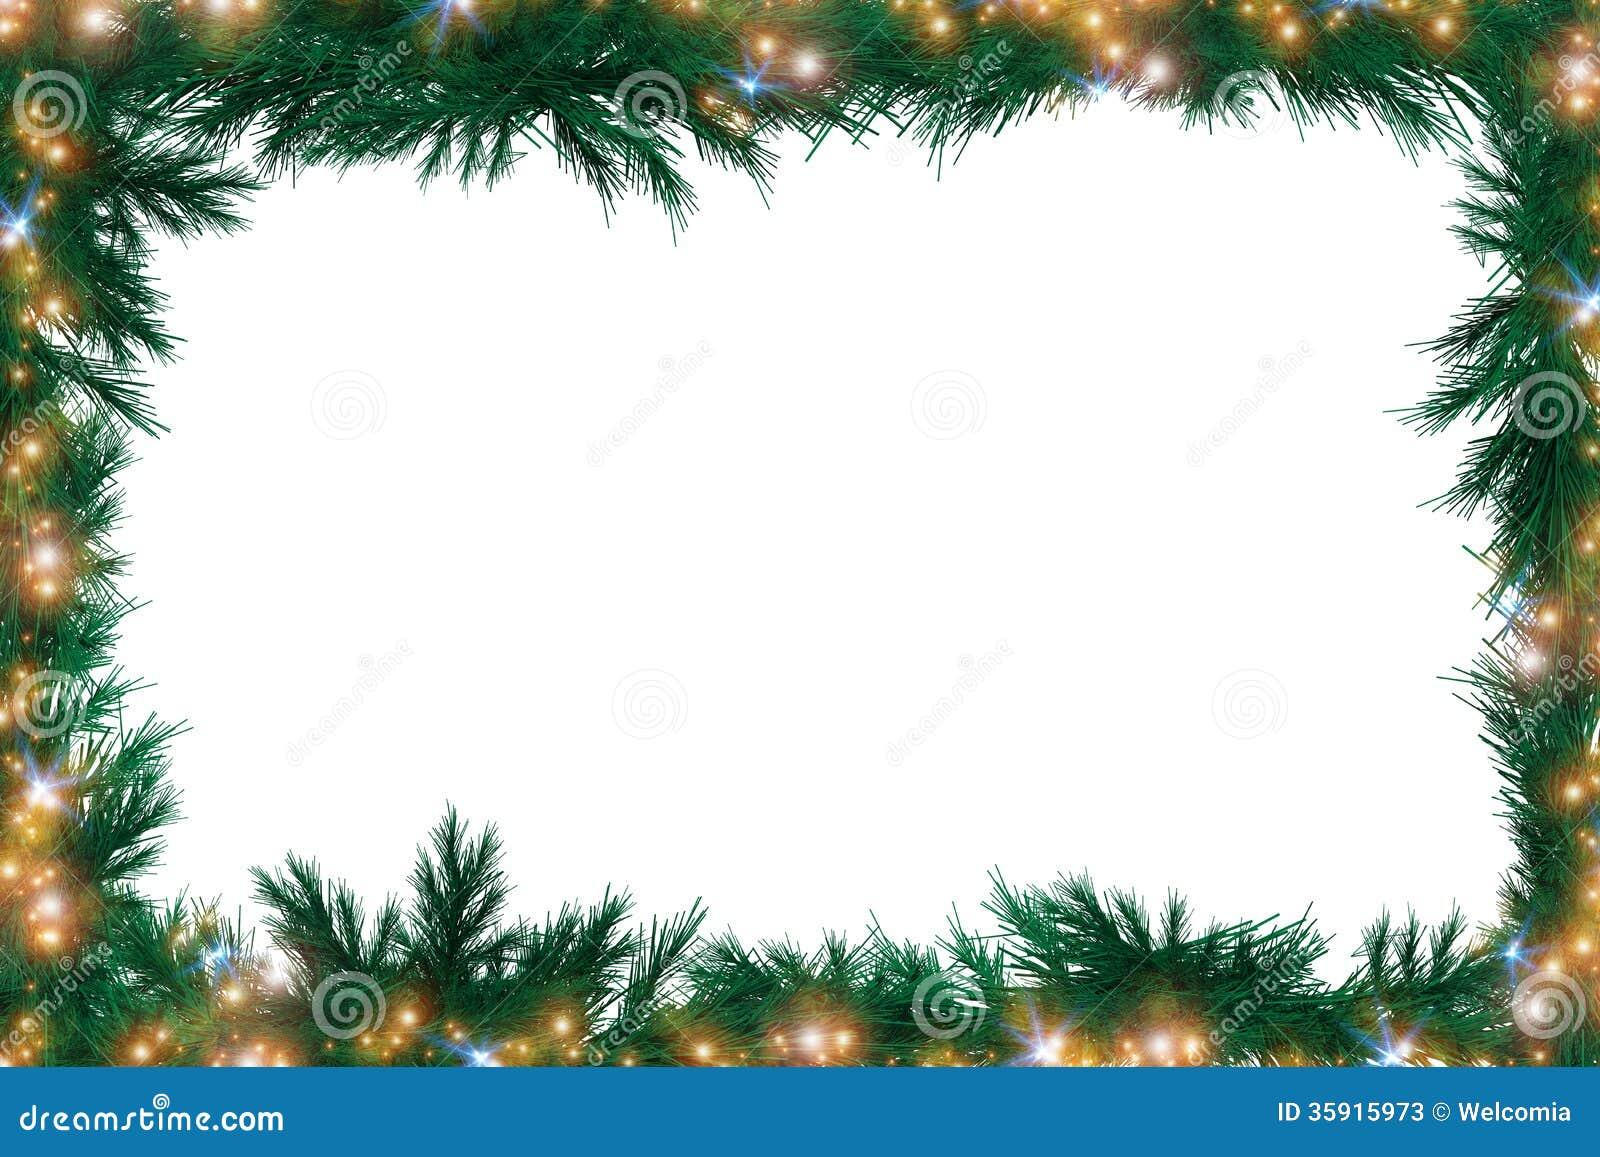 Fantastisch Weihnachten Fotorahmen Galerie - Rahmen Ideen ...